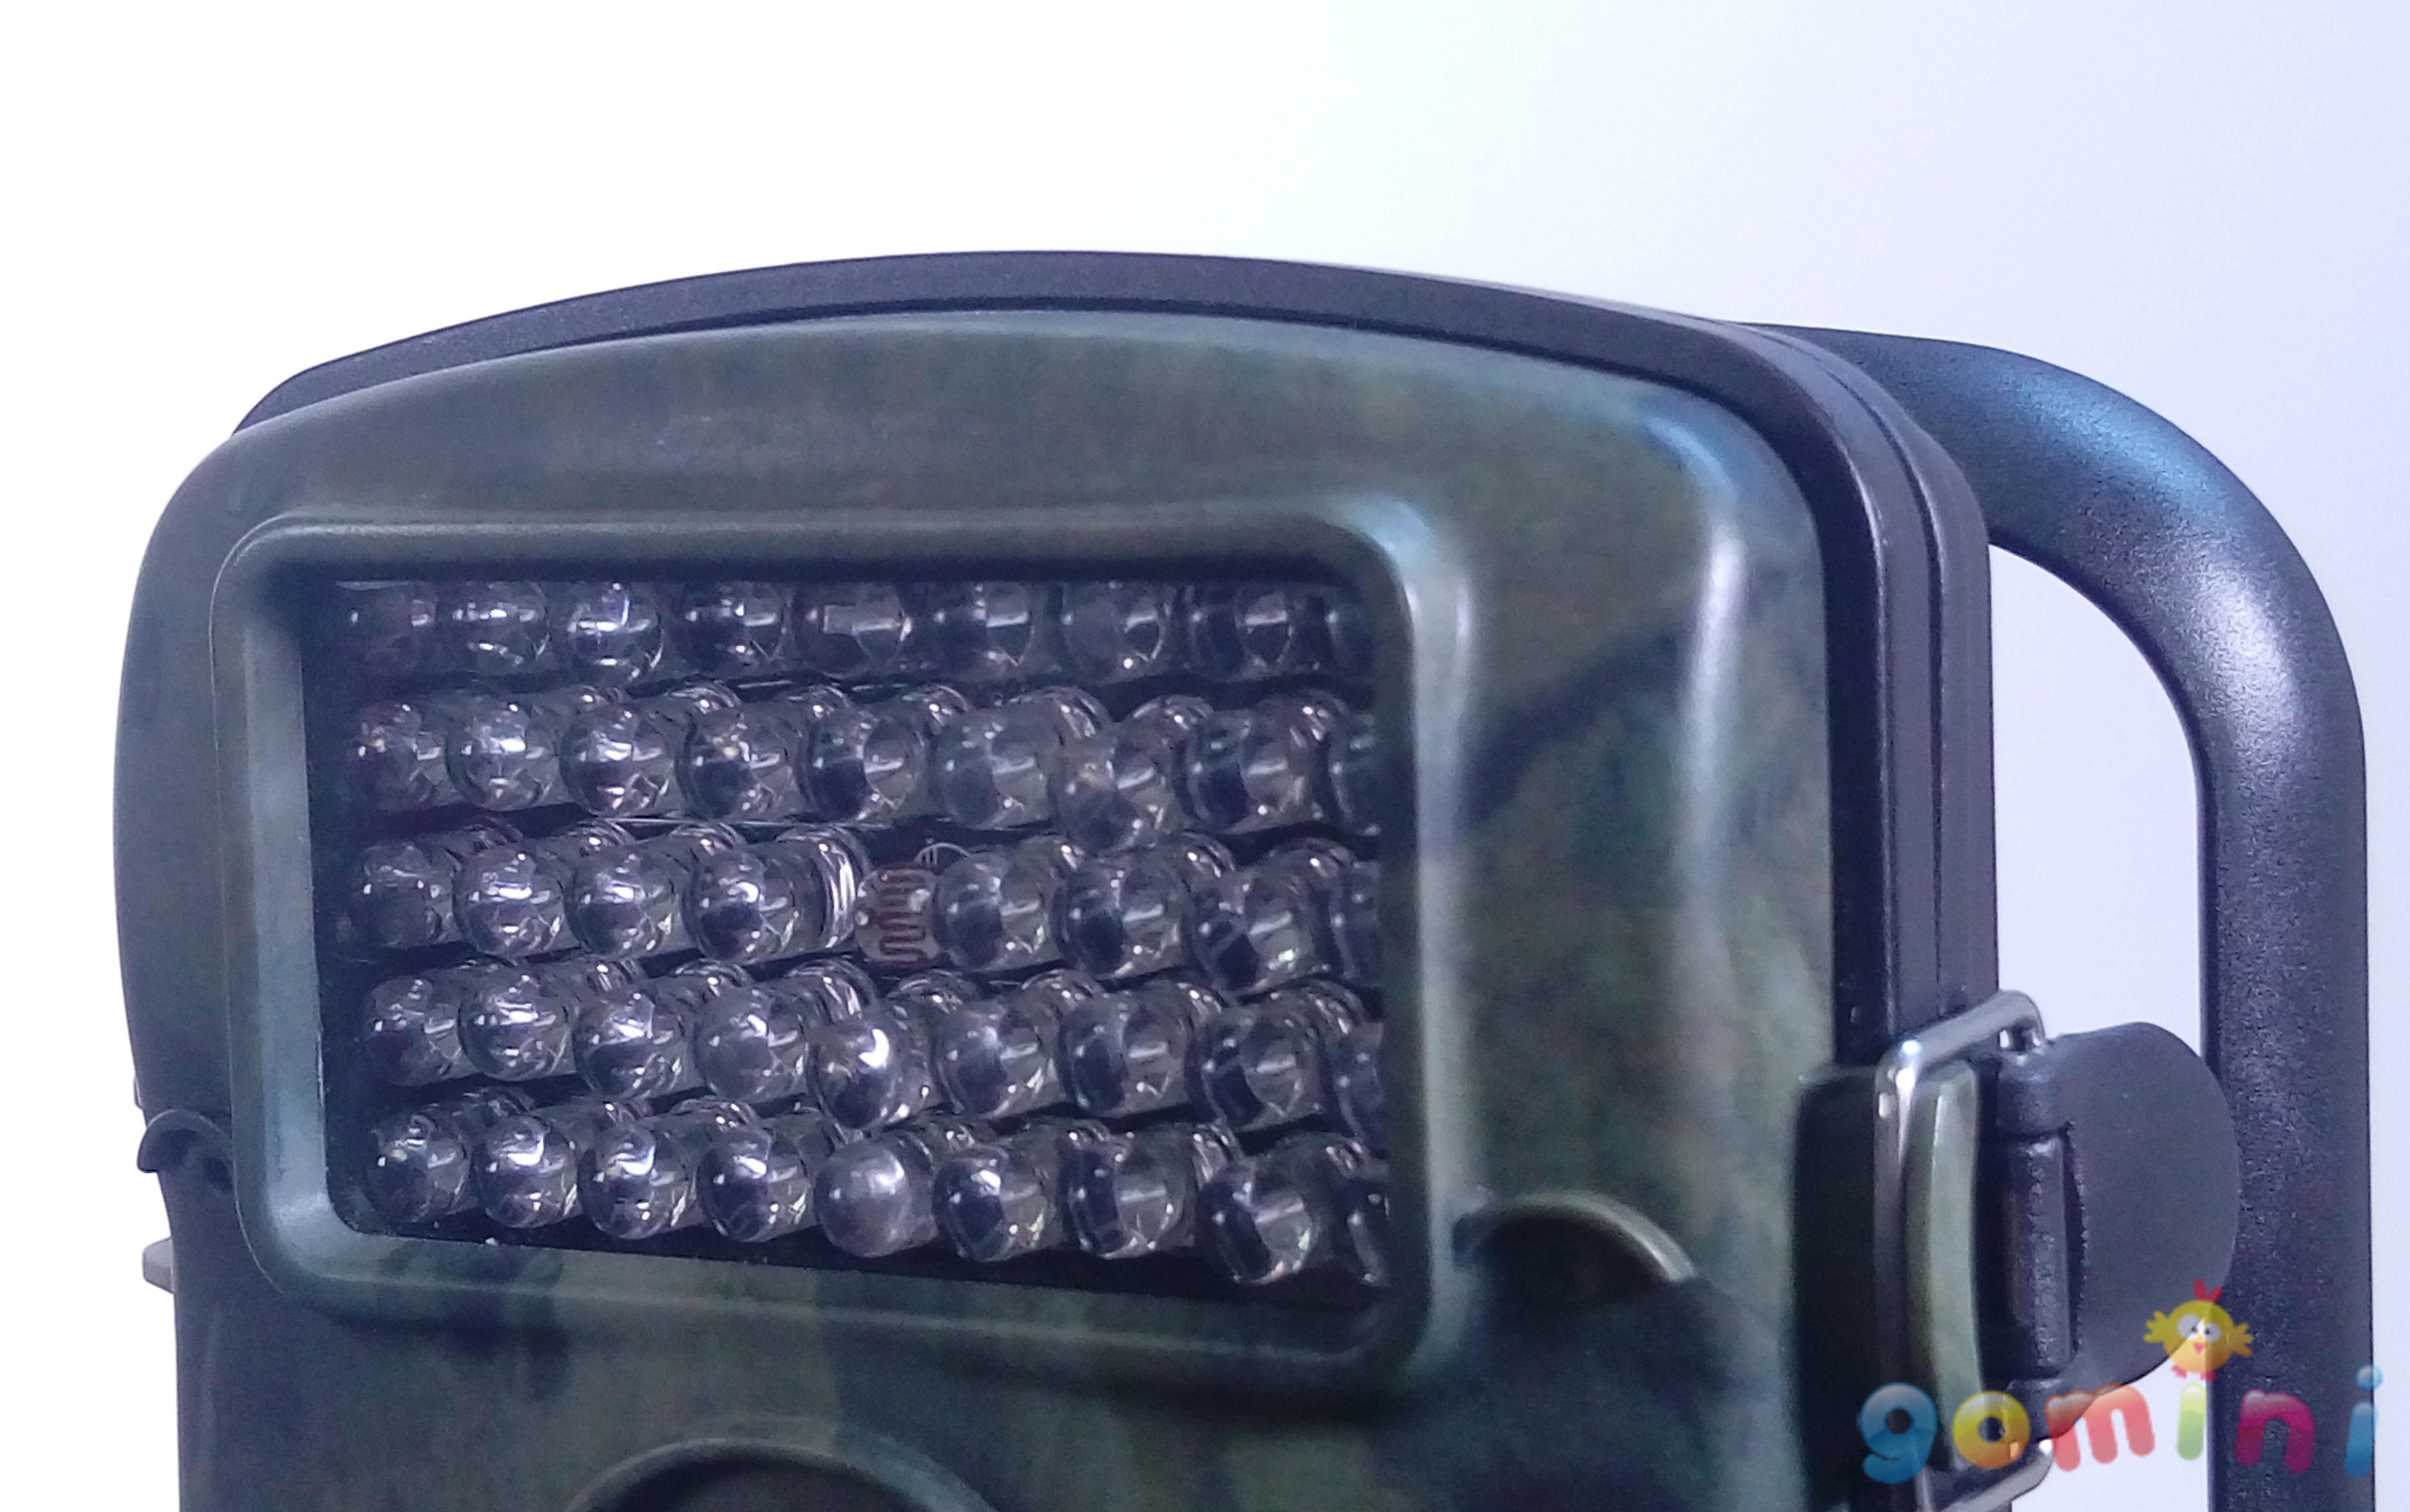 RD1000 閃光燈特寫照.jpg